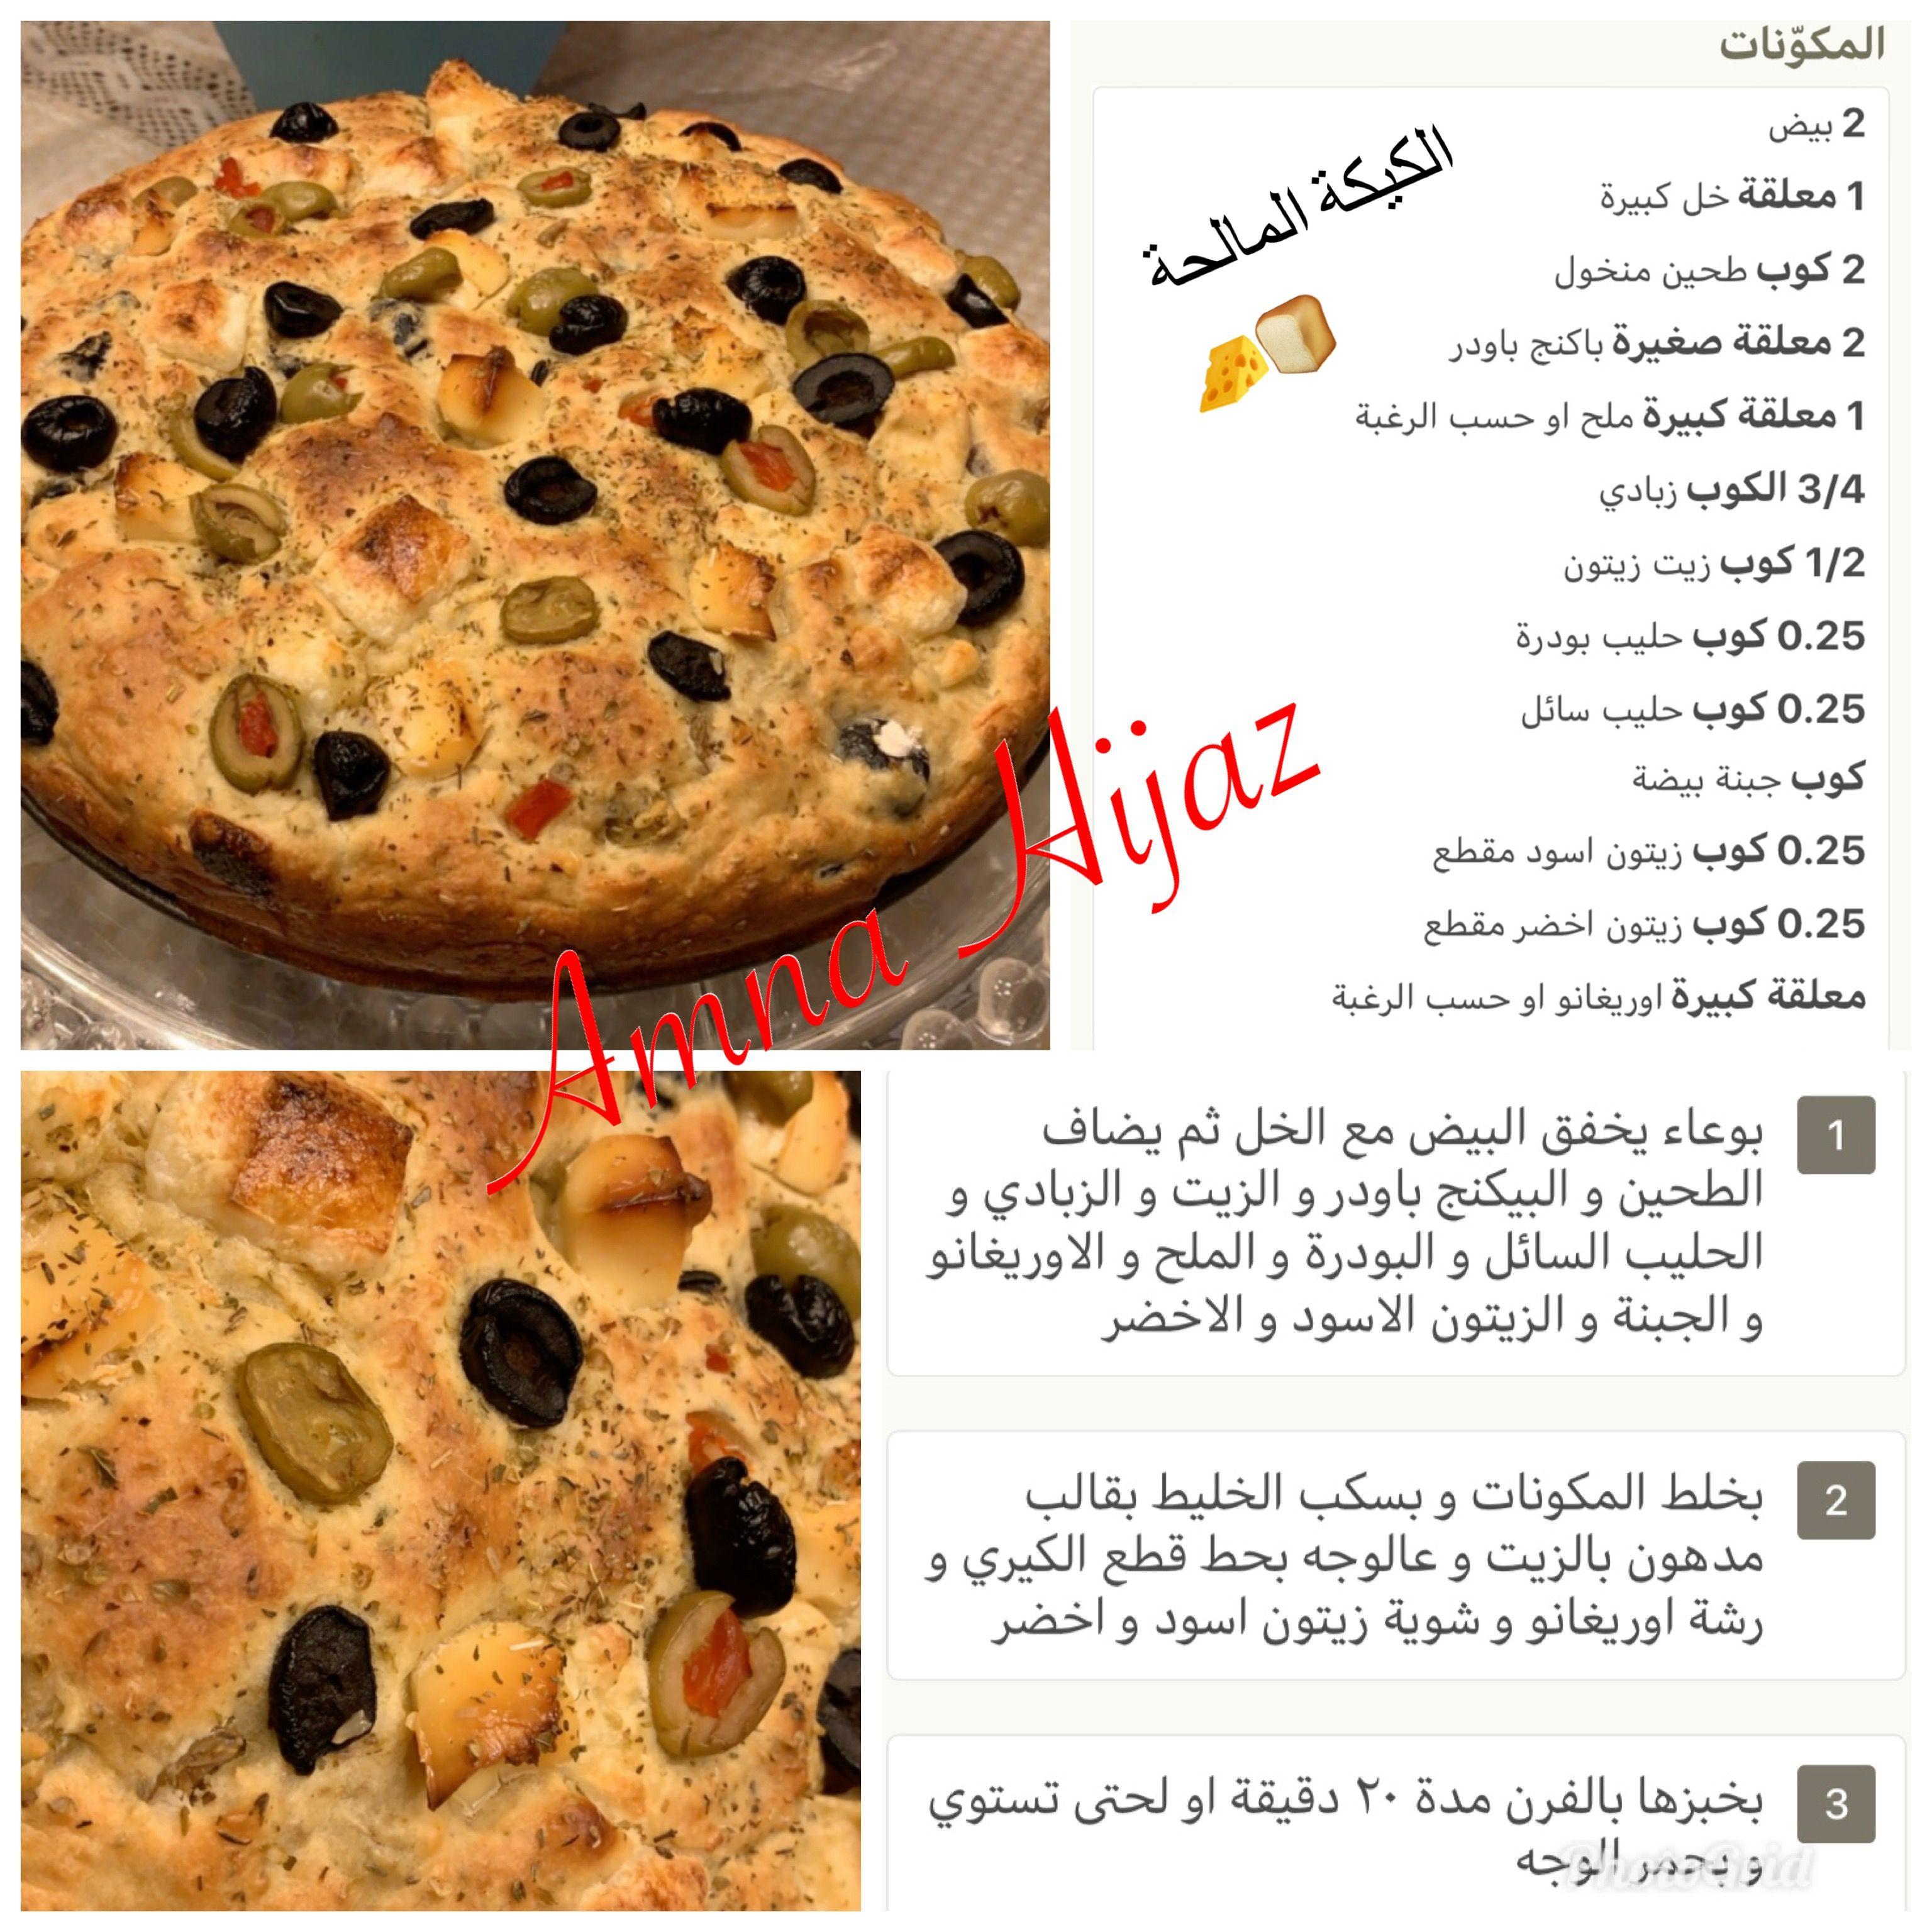 الكيكة المالحة Food Recipes My Recipes